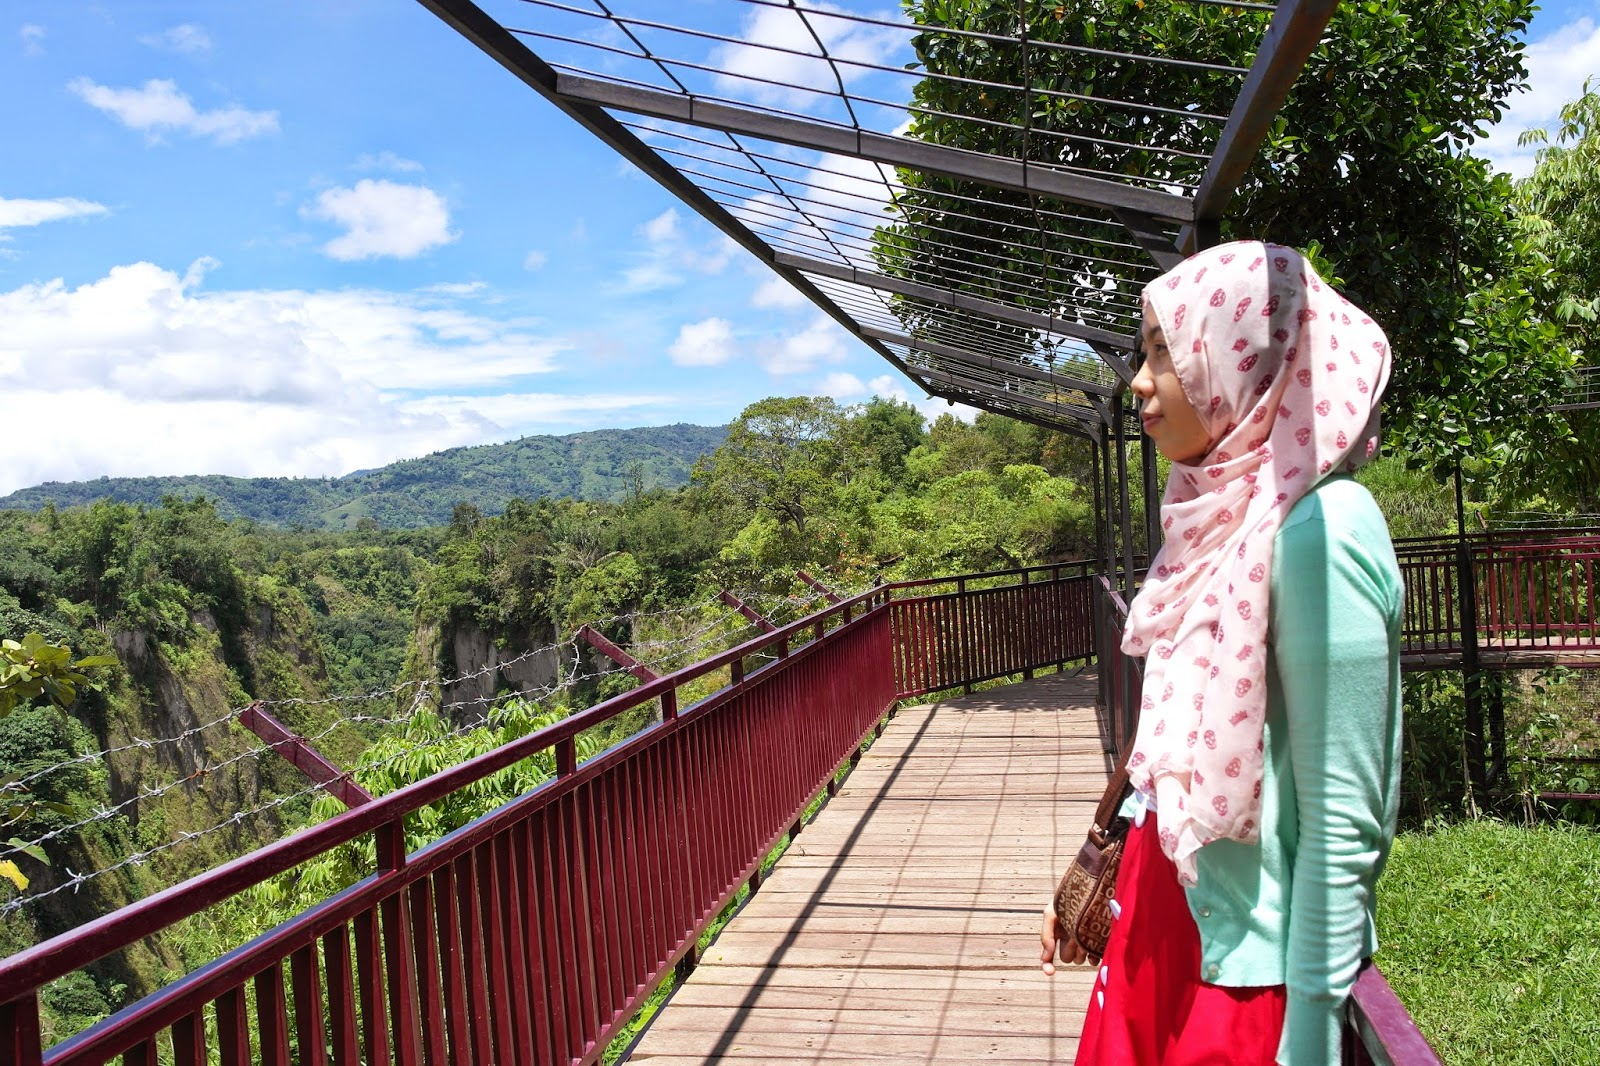 Objek Wisata Baru Ngarai Maaram Di Bukittinggi Jalan Sumatera Barat